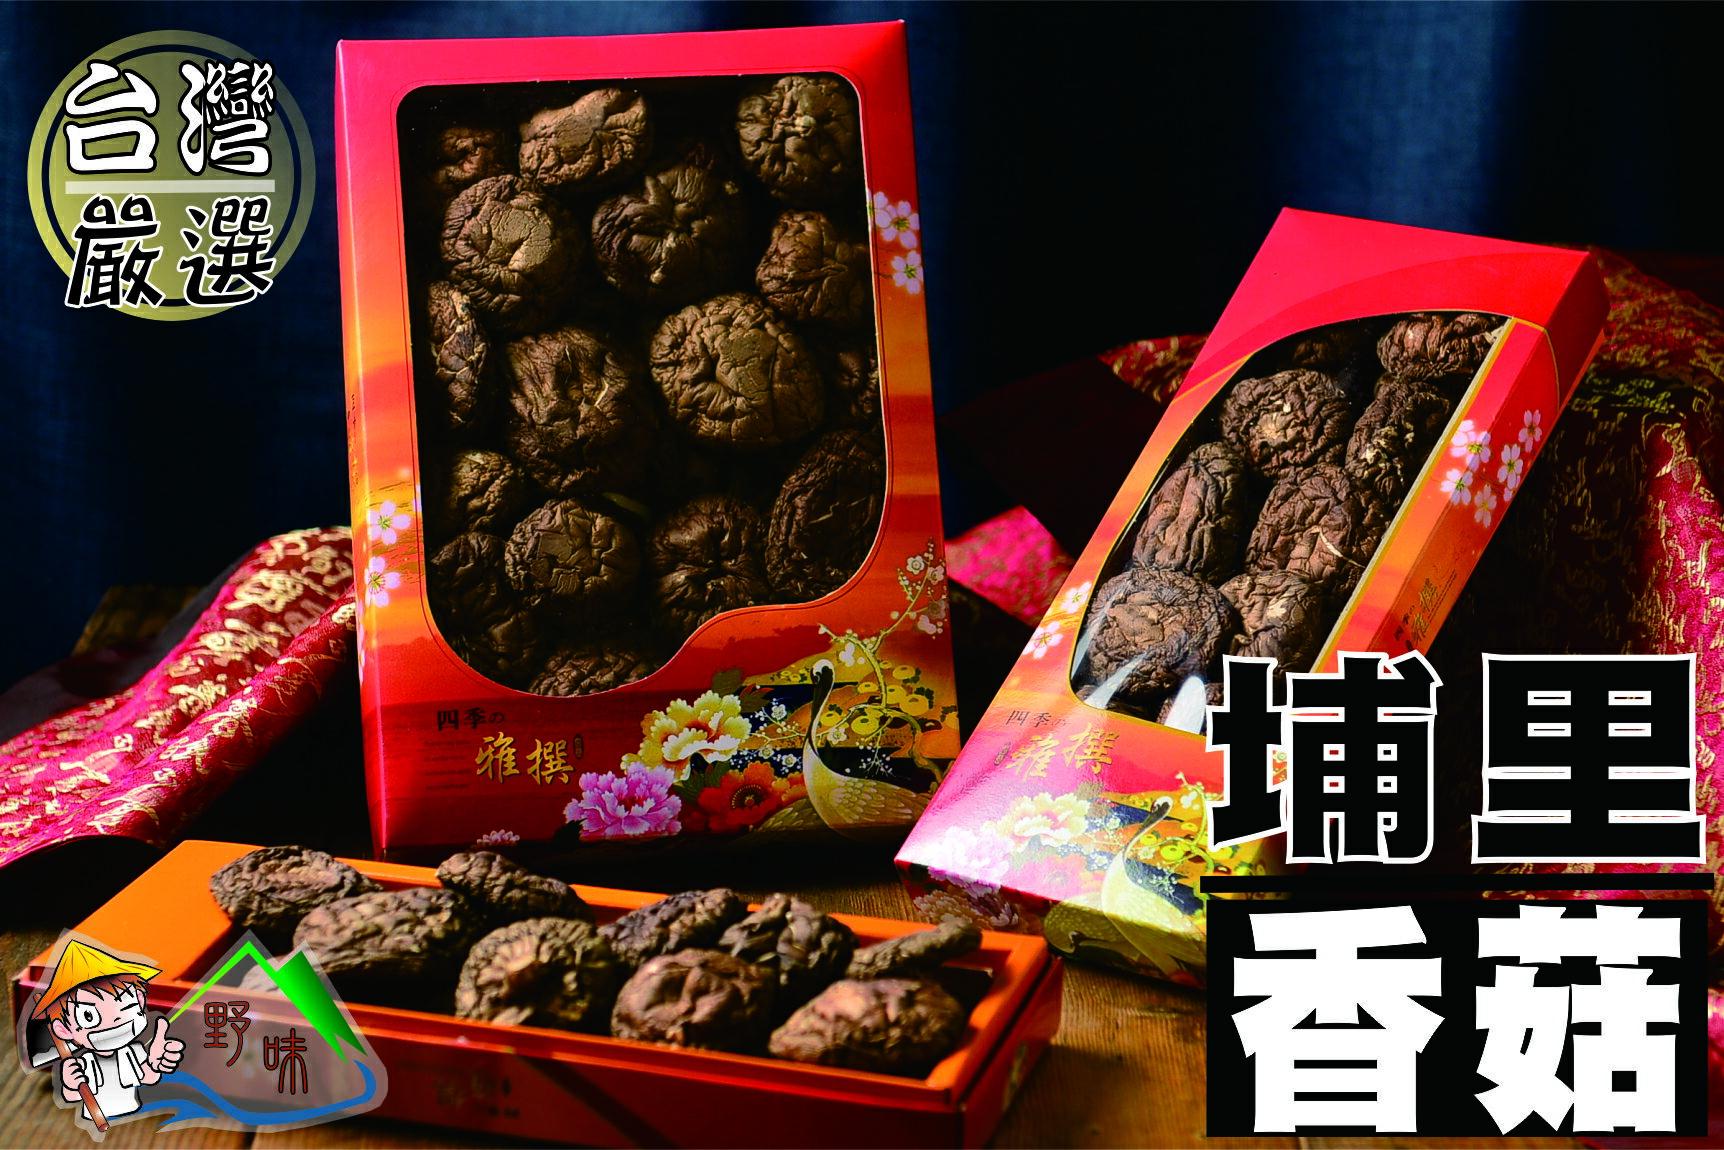 【野味食品】台灣埔里香菇(特大菇)(乾燥香菇)(70g/盒,150g/盒,300g/盒)